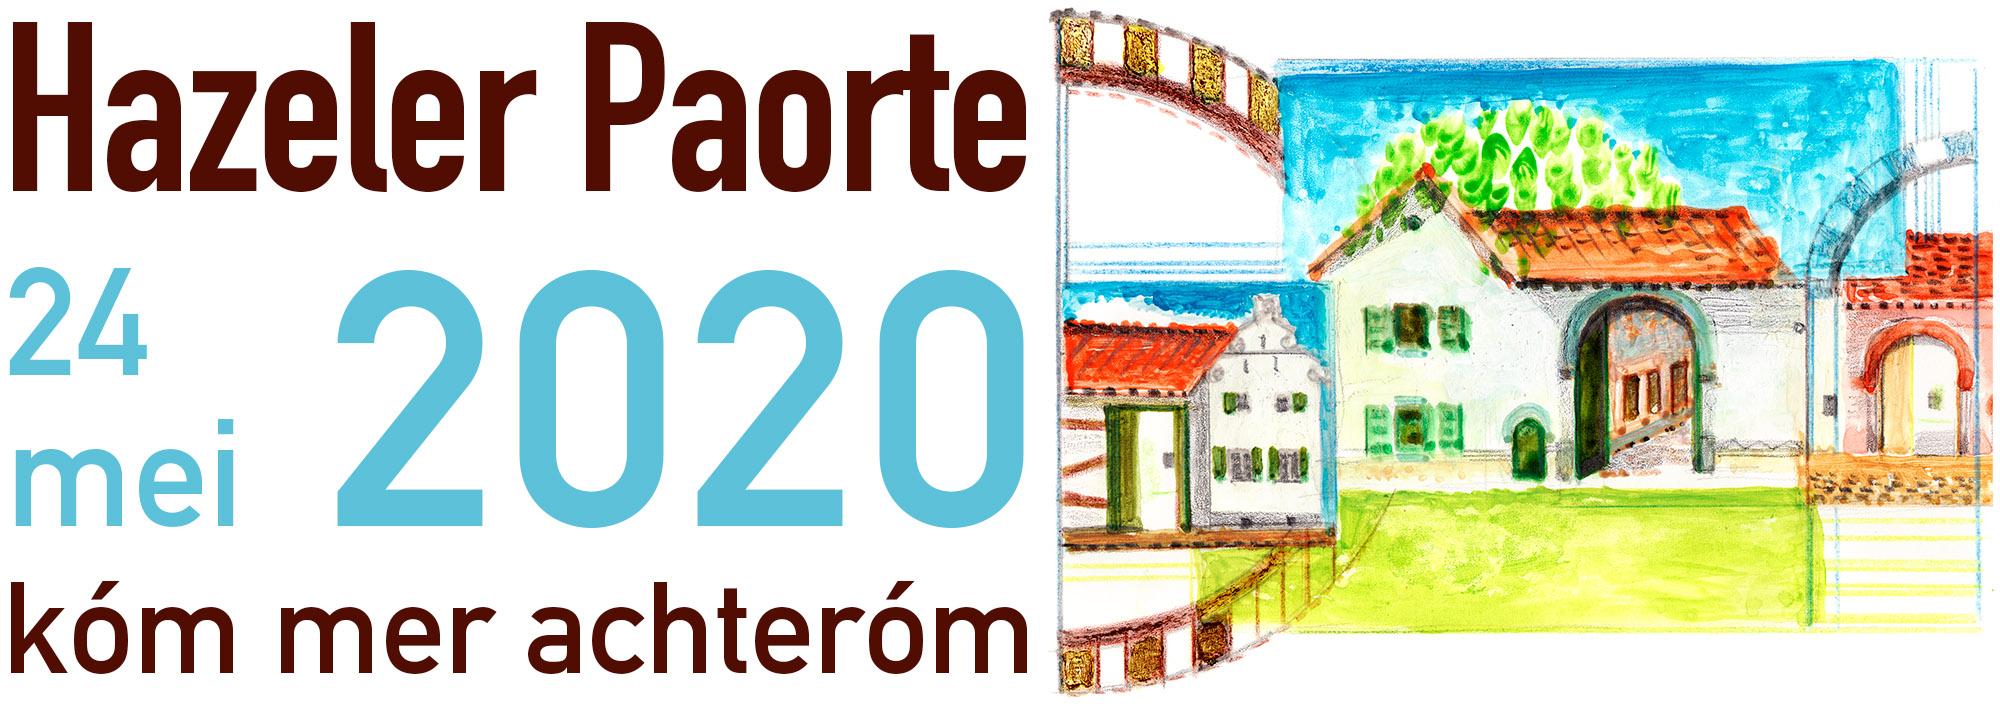 logo 2020 kom mer achterom Haasdal Schimmert